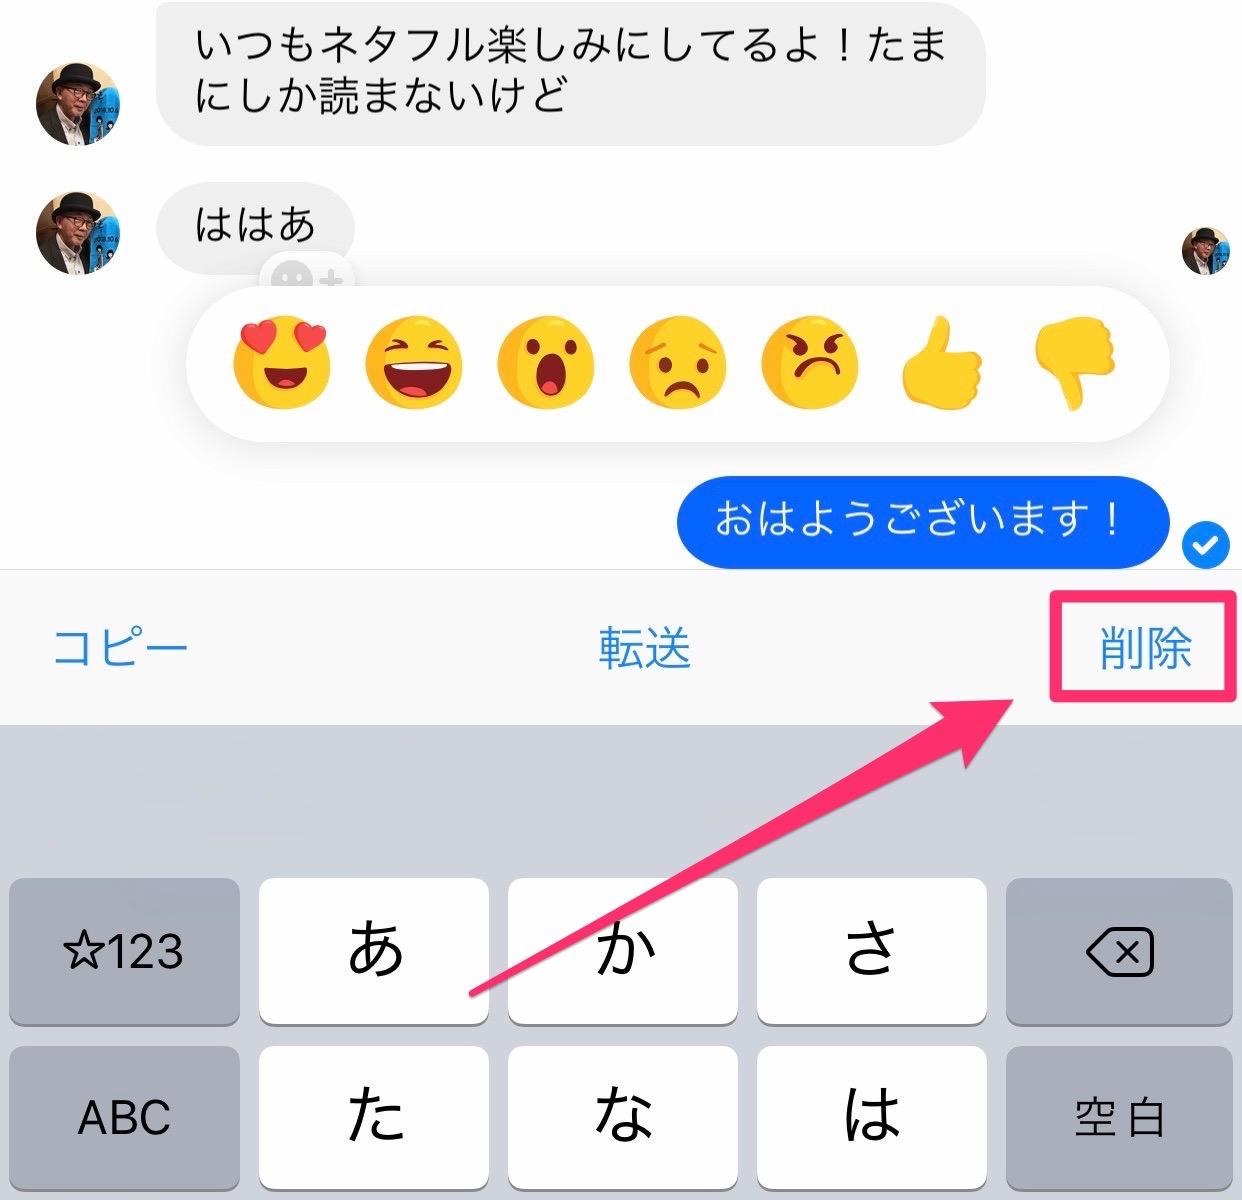 【Facebookメッセンジャー】送信したメッセージを削除する方法 1